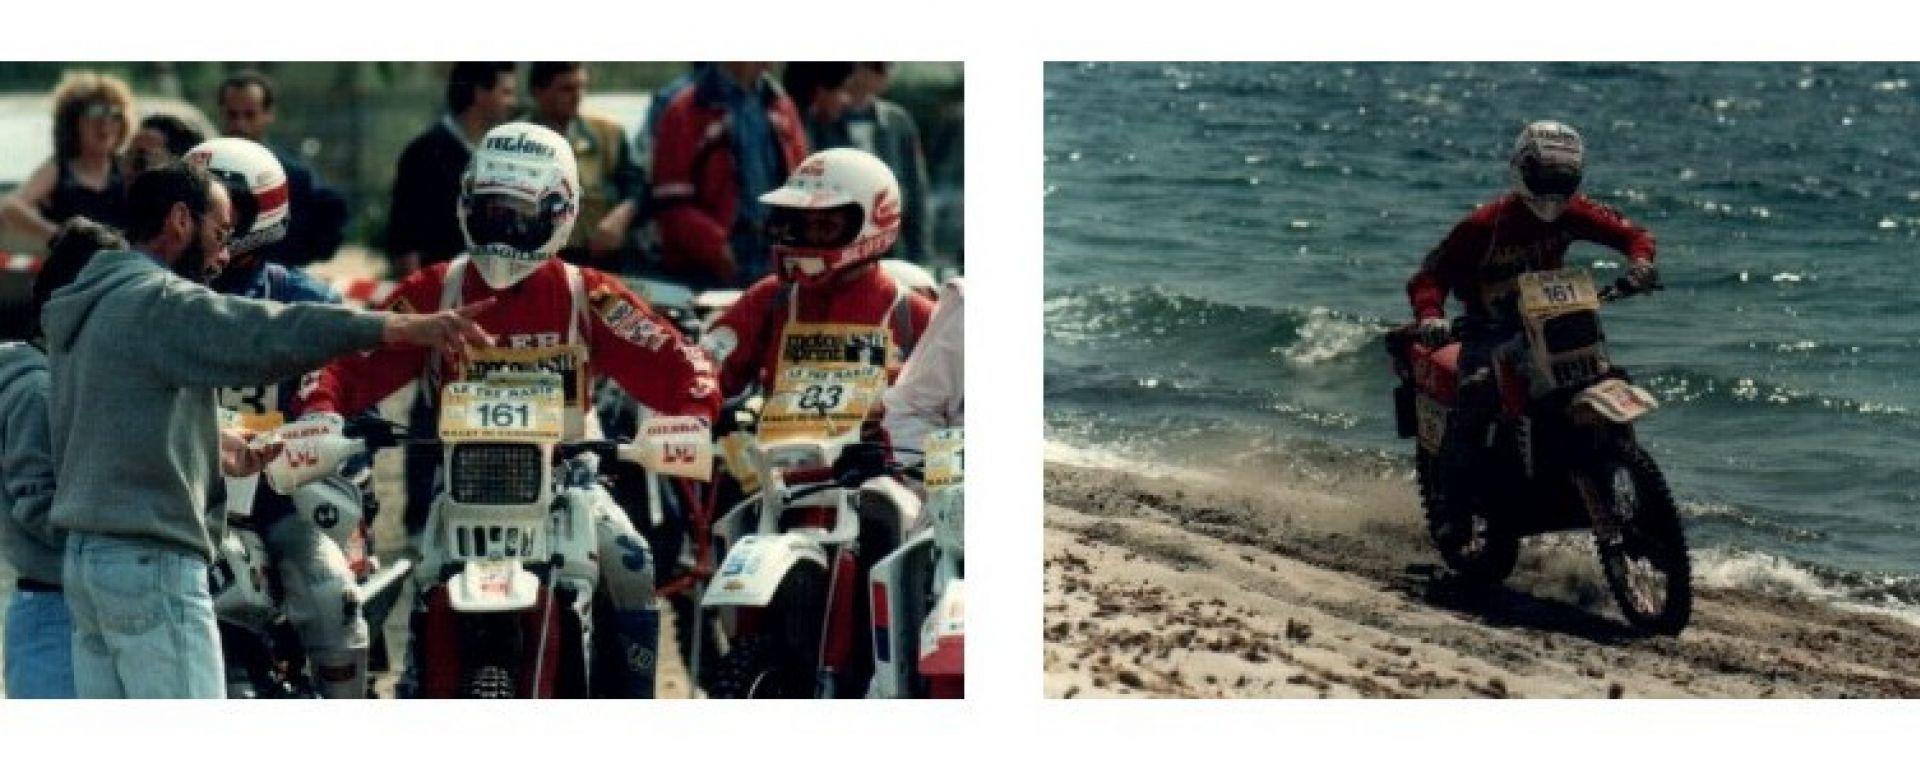 Yamaha, Deus e lo Swank Rally: ritorna il mito degli anni 80